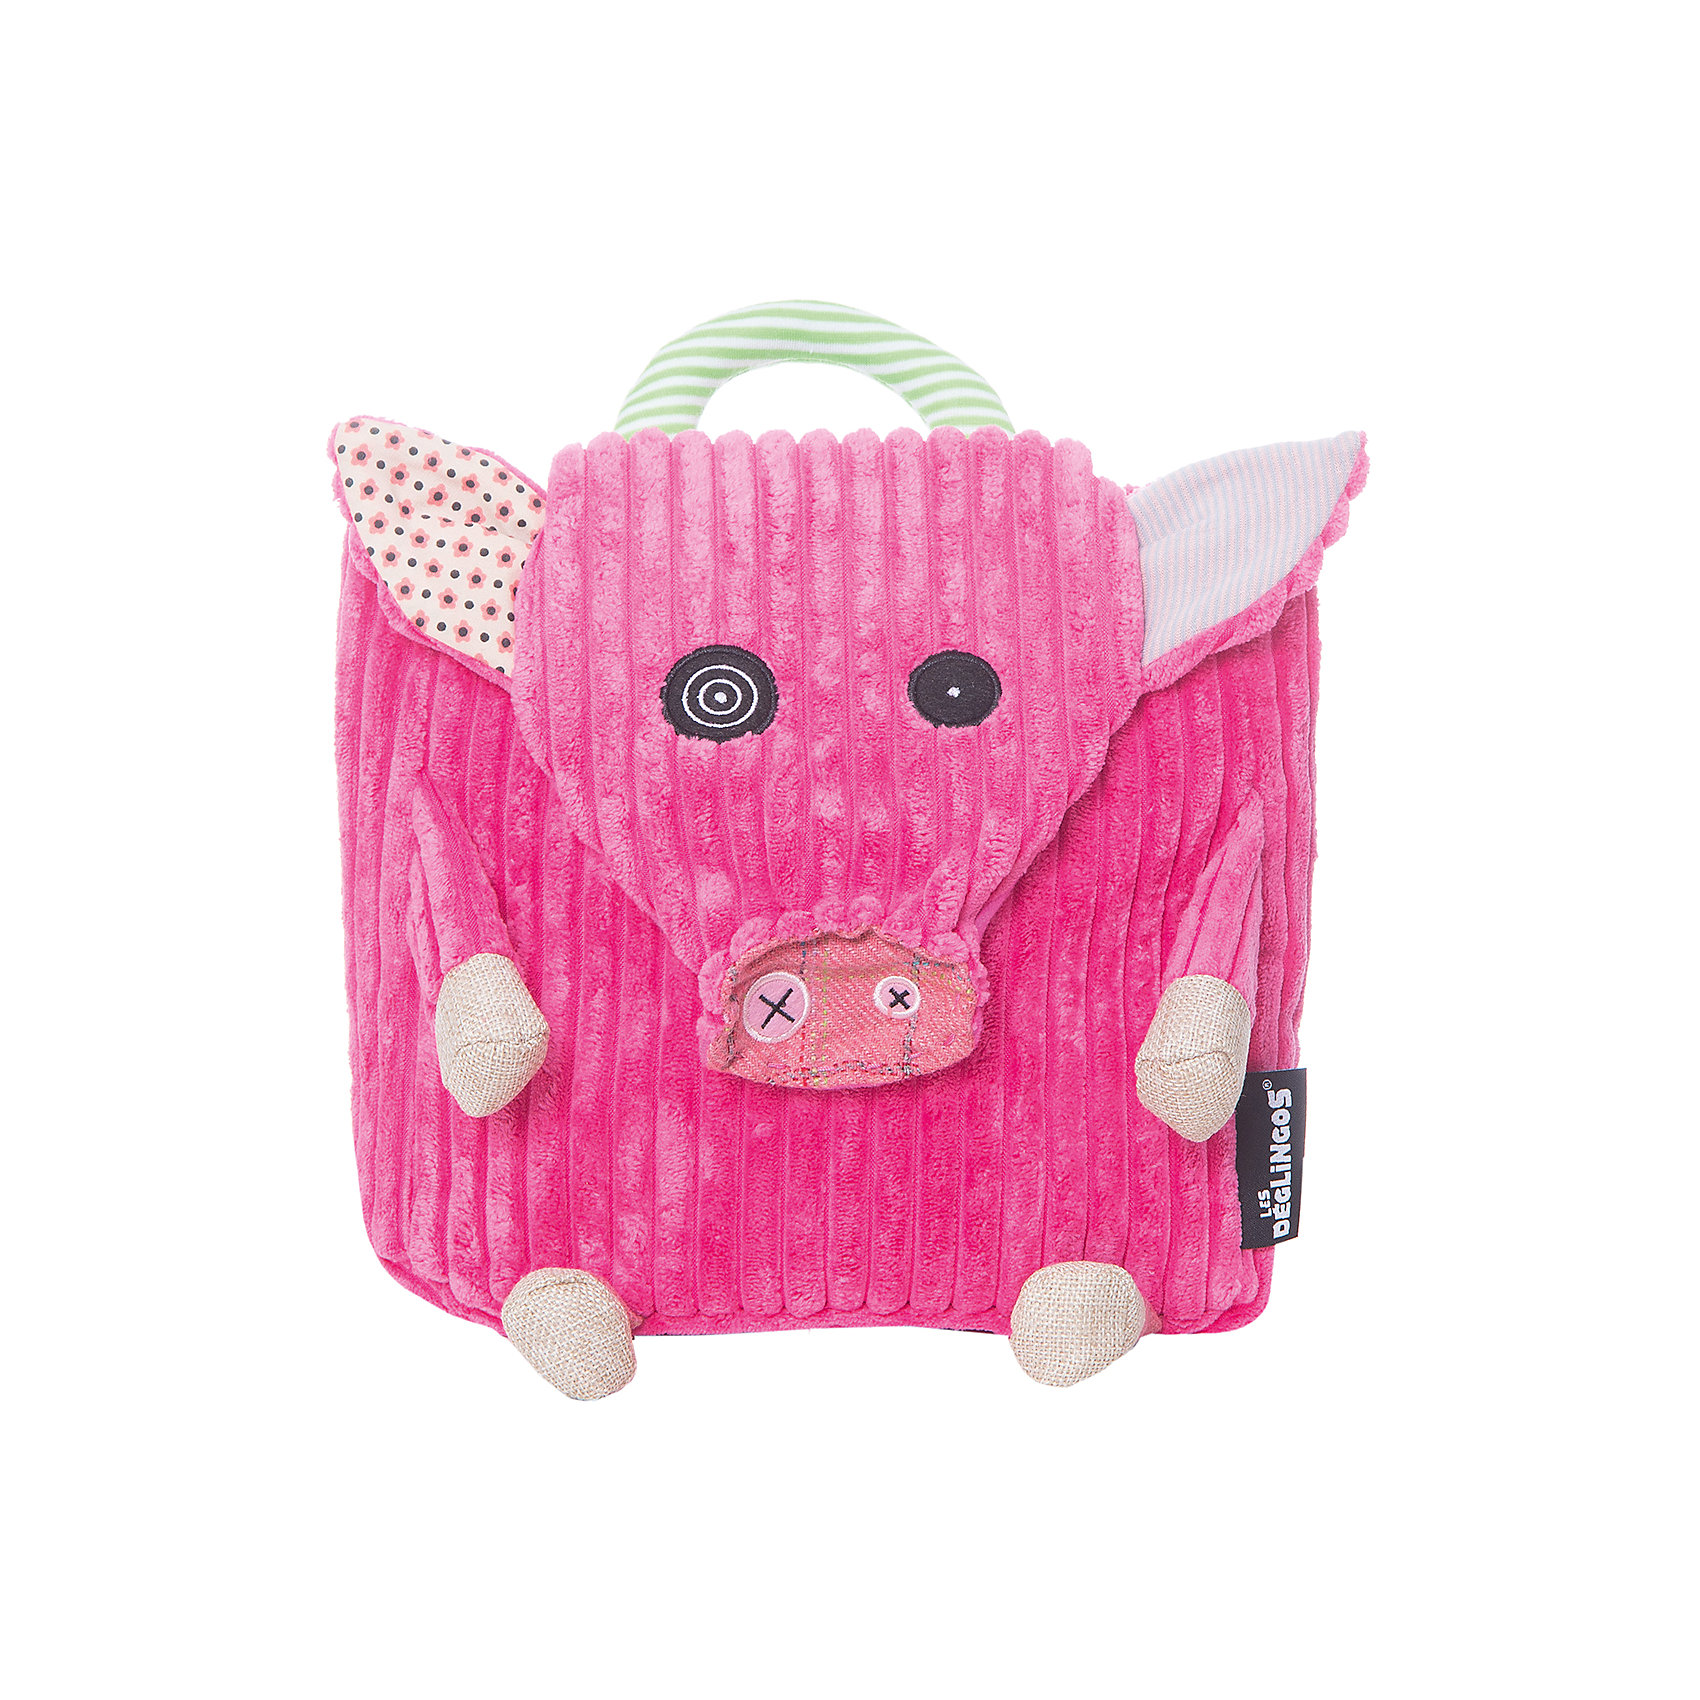 DEGLINGOS  Рюкзак Свинка JambonosПлюшевые сумки и рюкзаки<br>DEGLINGOS  Рюкзак Свинка Jambonos (Деглингос)<br><br>Характеристики:<br><br>• оригинальный дизайн<br>• регулируемые лямки<br>• застежки-липучки<br>• материал: текстиль, пластик<br>• размер рюкзака: 25х25 см<br>• размер упаковки: 26х25х4,5 см<br><br>Оригинальный рюкзачок от DEGLINGOS выполнен в виде забавной свинки. Она имеет глаза разного размера, что делает ее еще более привлекательной. Рюкзак имеет две регулируемые лямки, небольшую ручку и застежки-липучки. Рюкзак в виде свинки идеально подойдет для детей дошкольного возраста.<br><br>DEGLINGOS  Рюкзак Свинка Jambonos (Деглингос) вы можете купить в нашем интернет-магазине.<br><br>Ширина мм: 250<br>Глубина мм: 60<br>Высота мм: 300<br>Вес г: 160<br>Возраст от месяцев: 24<br>Возраст до месяцев: 60<br>Пол: Унисекс<br>Возраст: Детский<br>SKU: 2523731